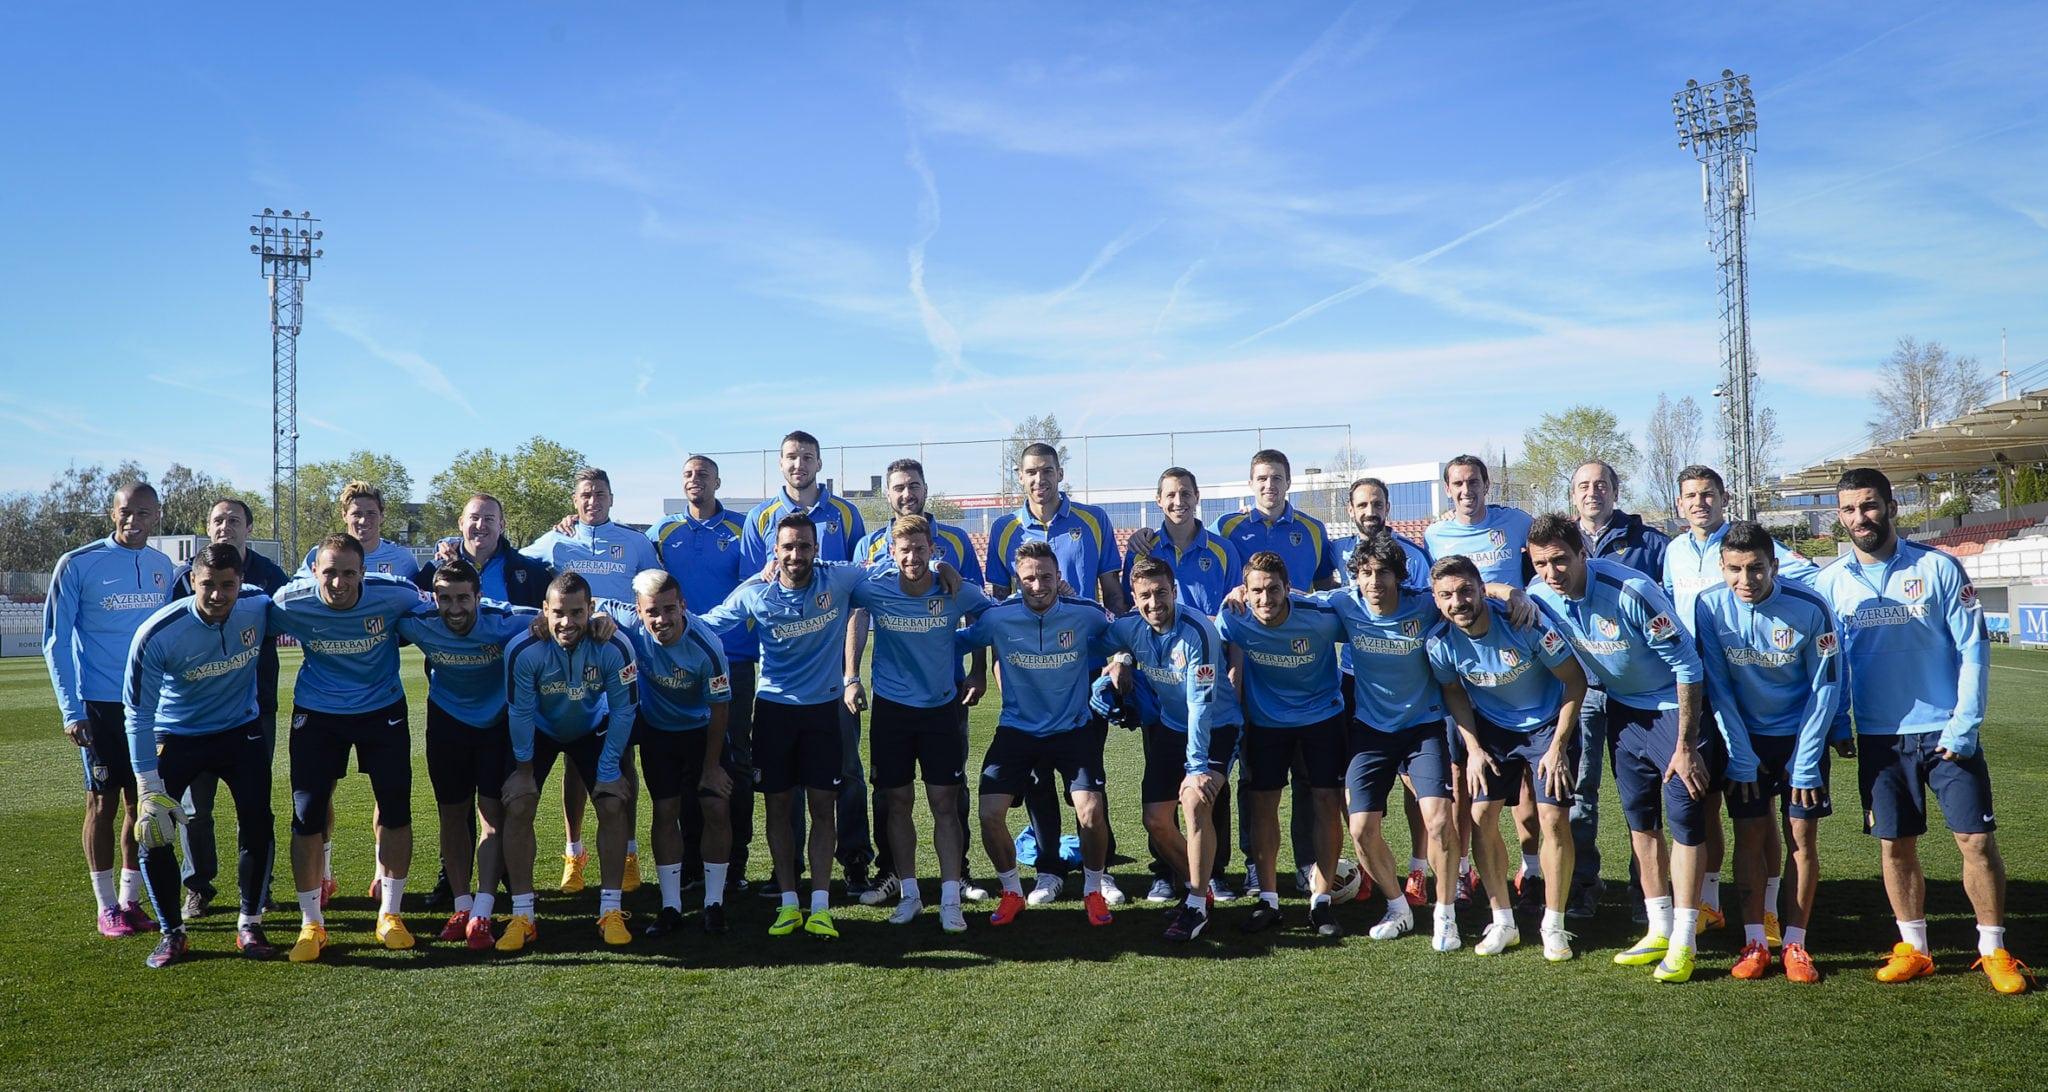 Visita de los jugadores de Movistar Estu a la plantilla del Atlético de Madrid